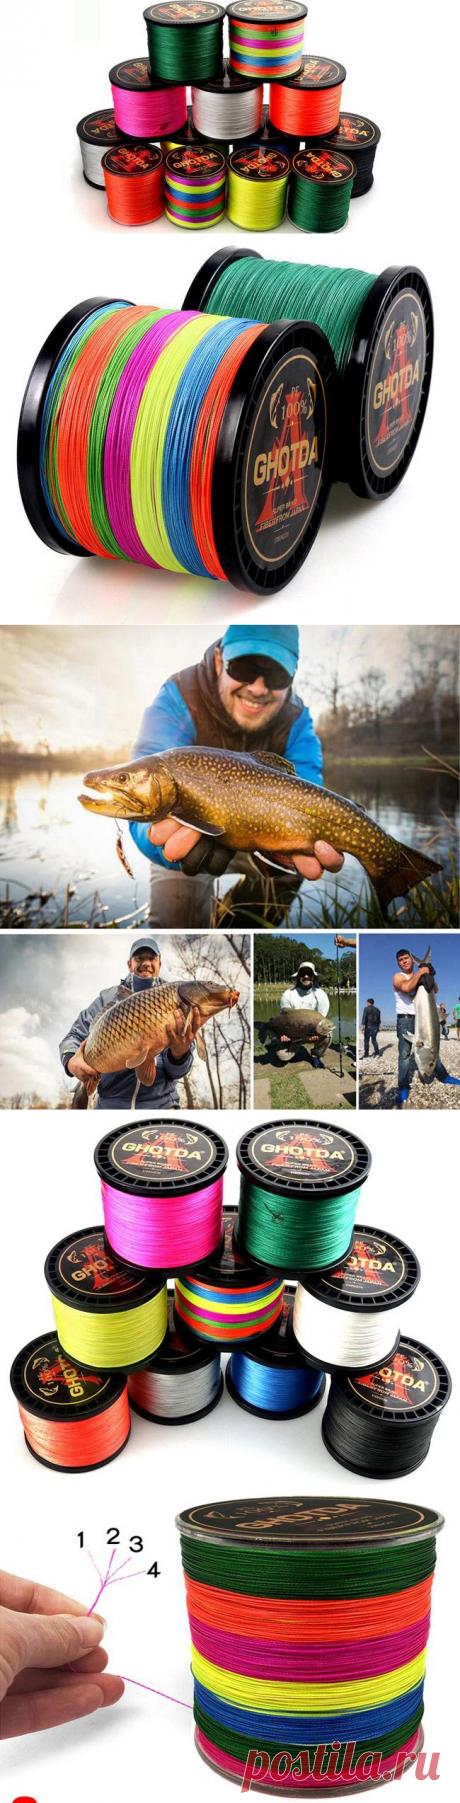 Прочная плетеная рыболовная леска из проволоки GHOTDA 4 нити с Алиэкспресс   Super-Blog